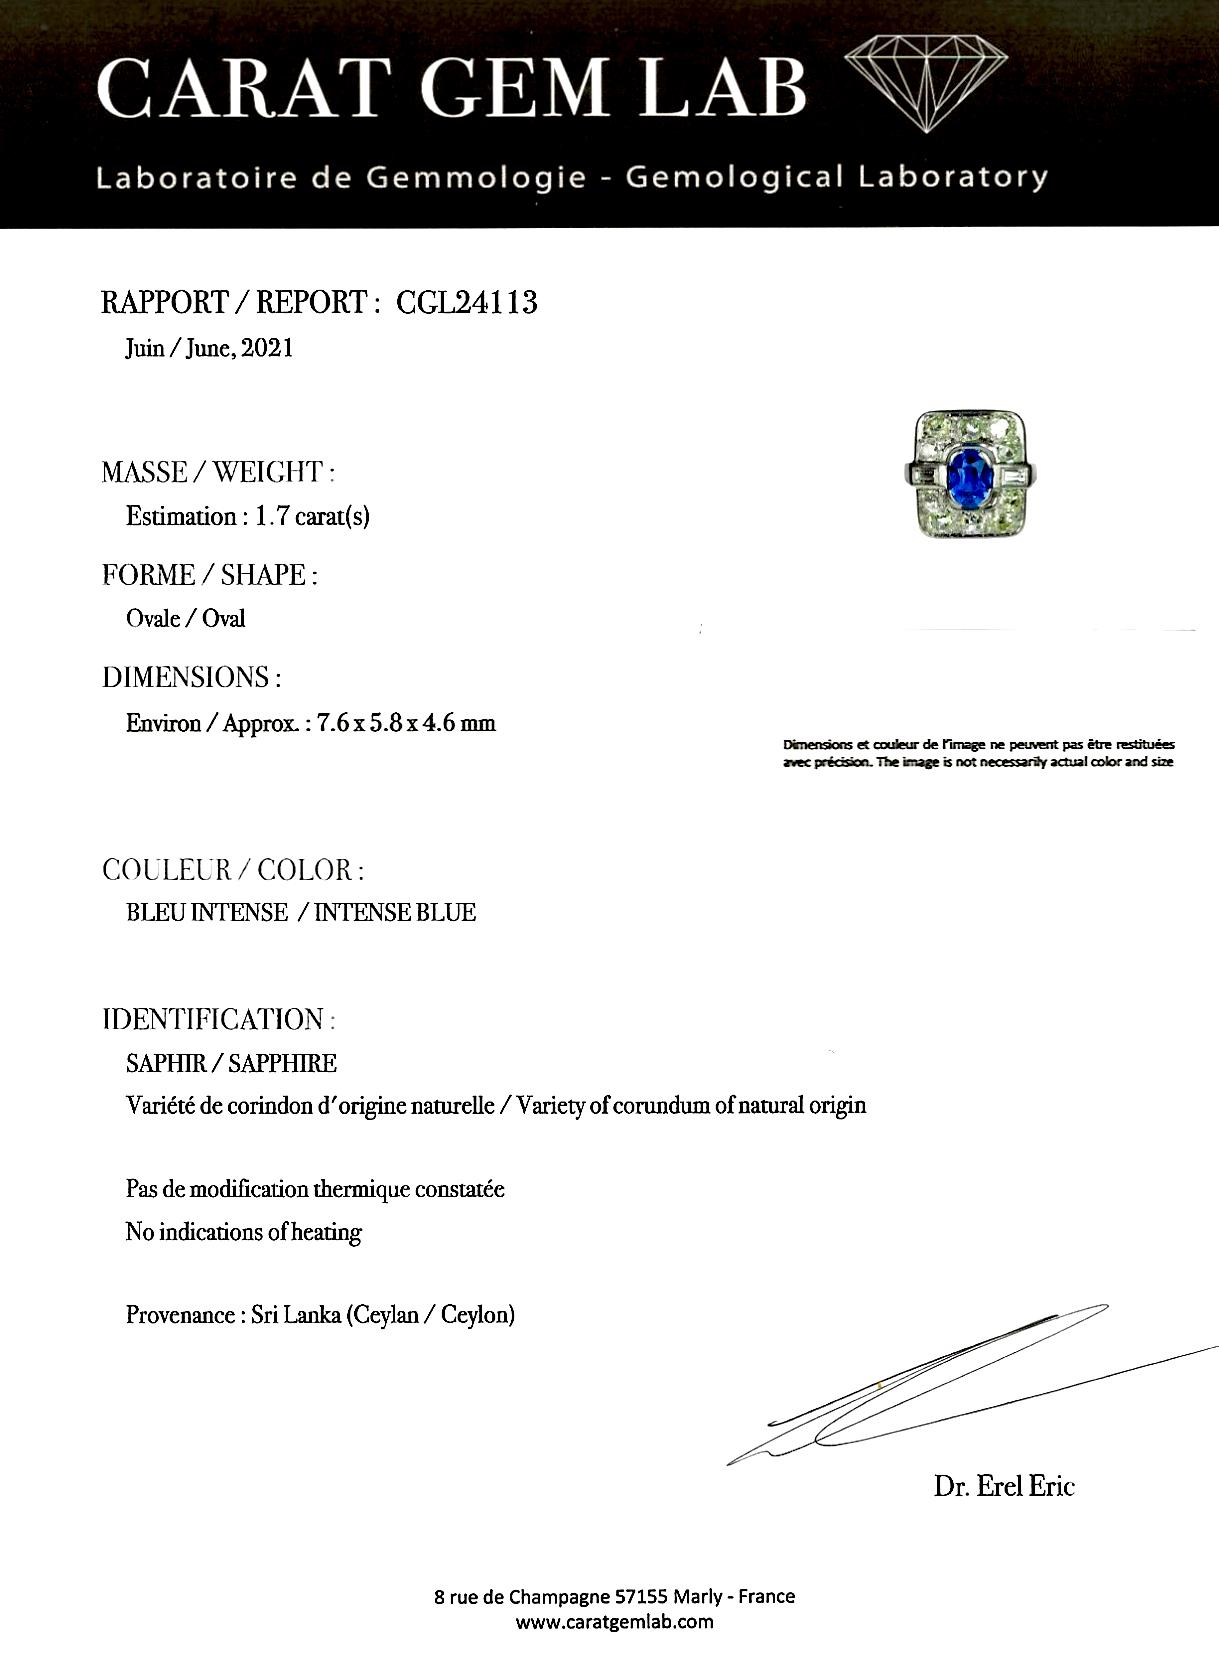 Bague Art déco saphir naturel, non chauffé bleu intense (certificat laboratoire CGL) diamants-5